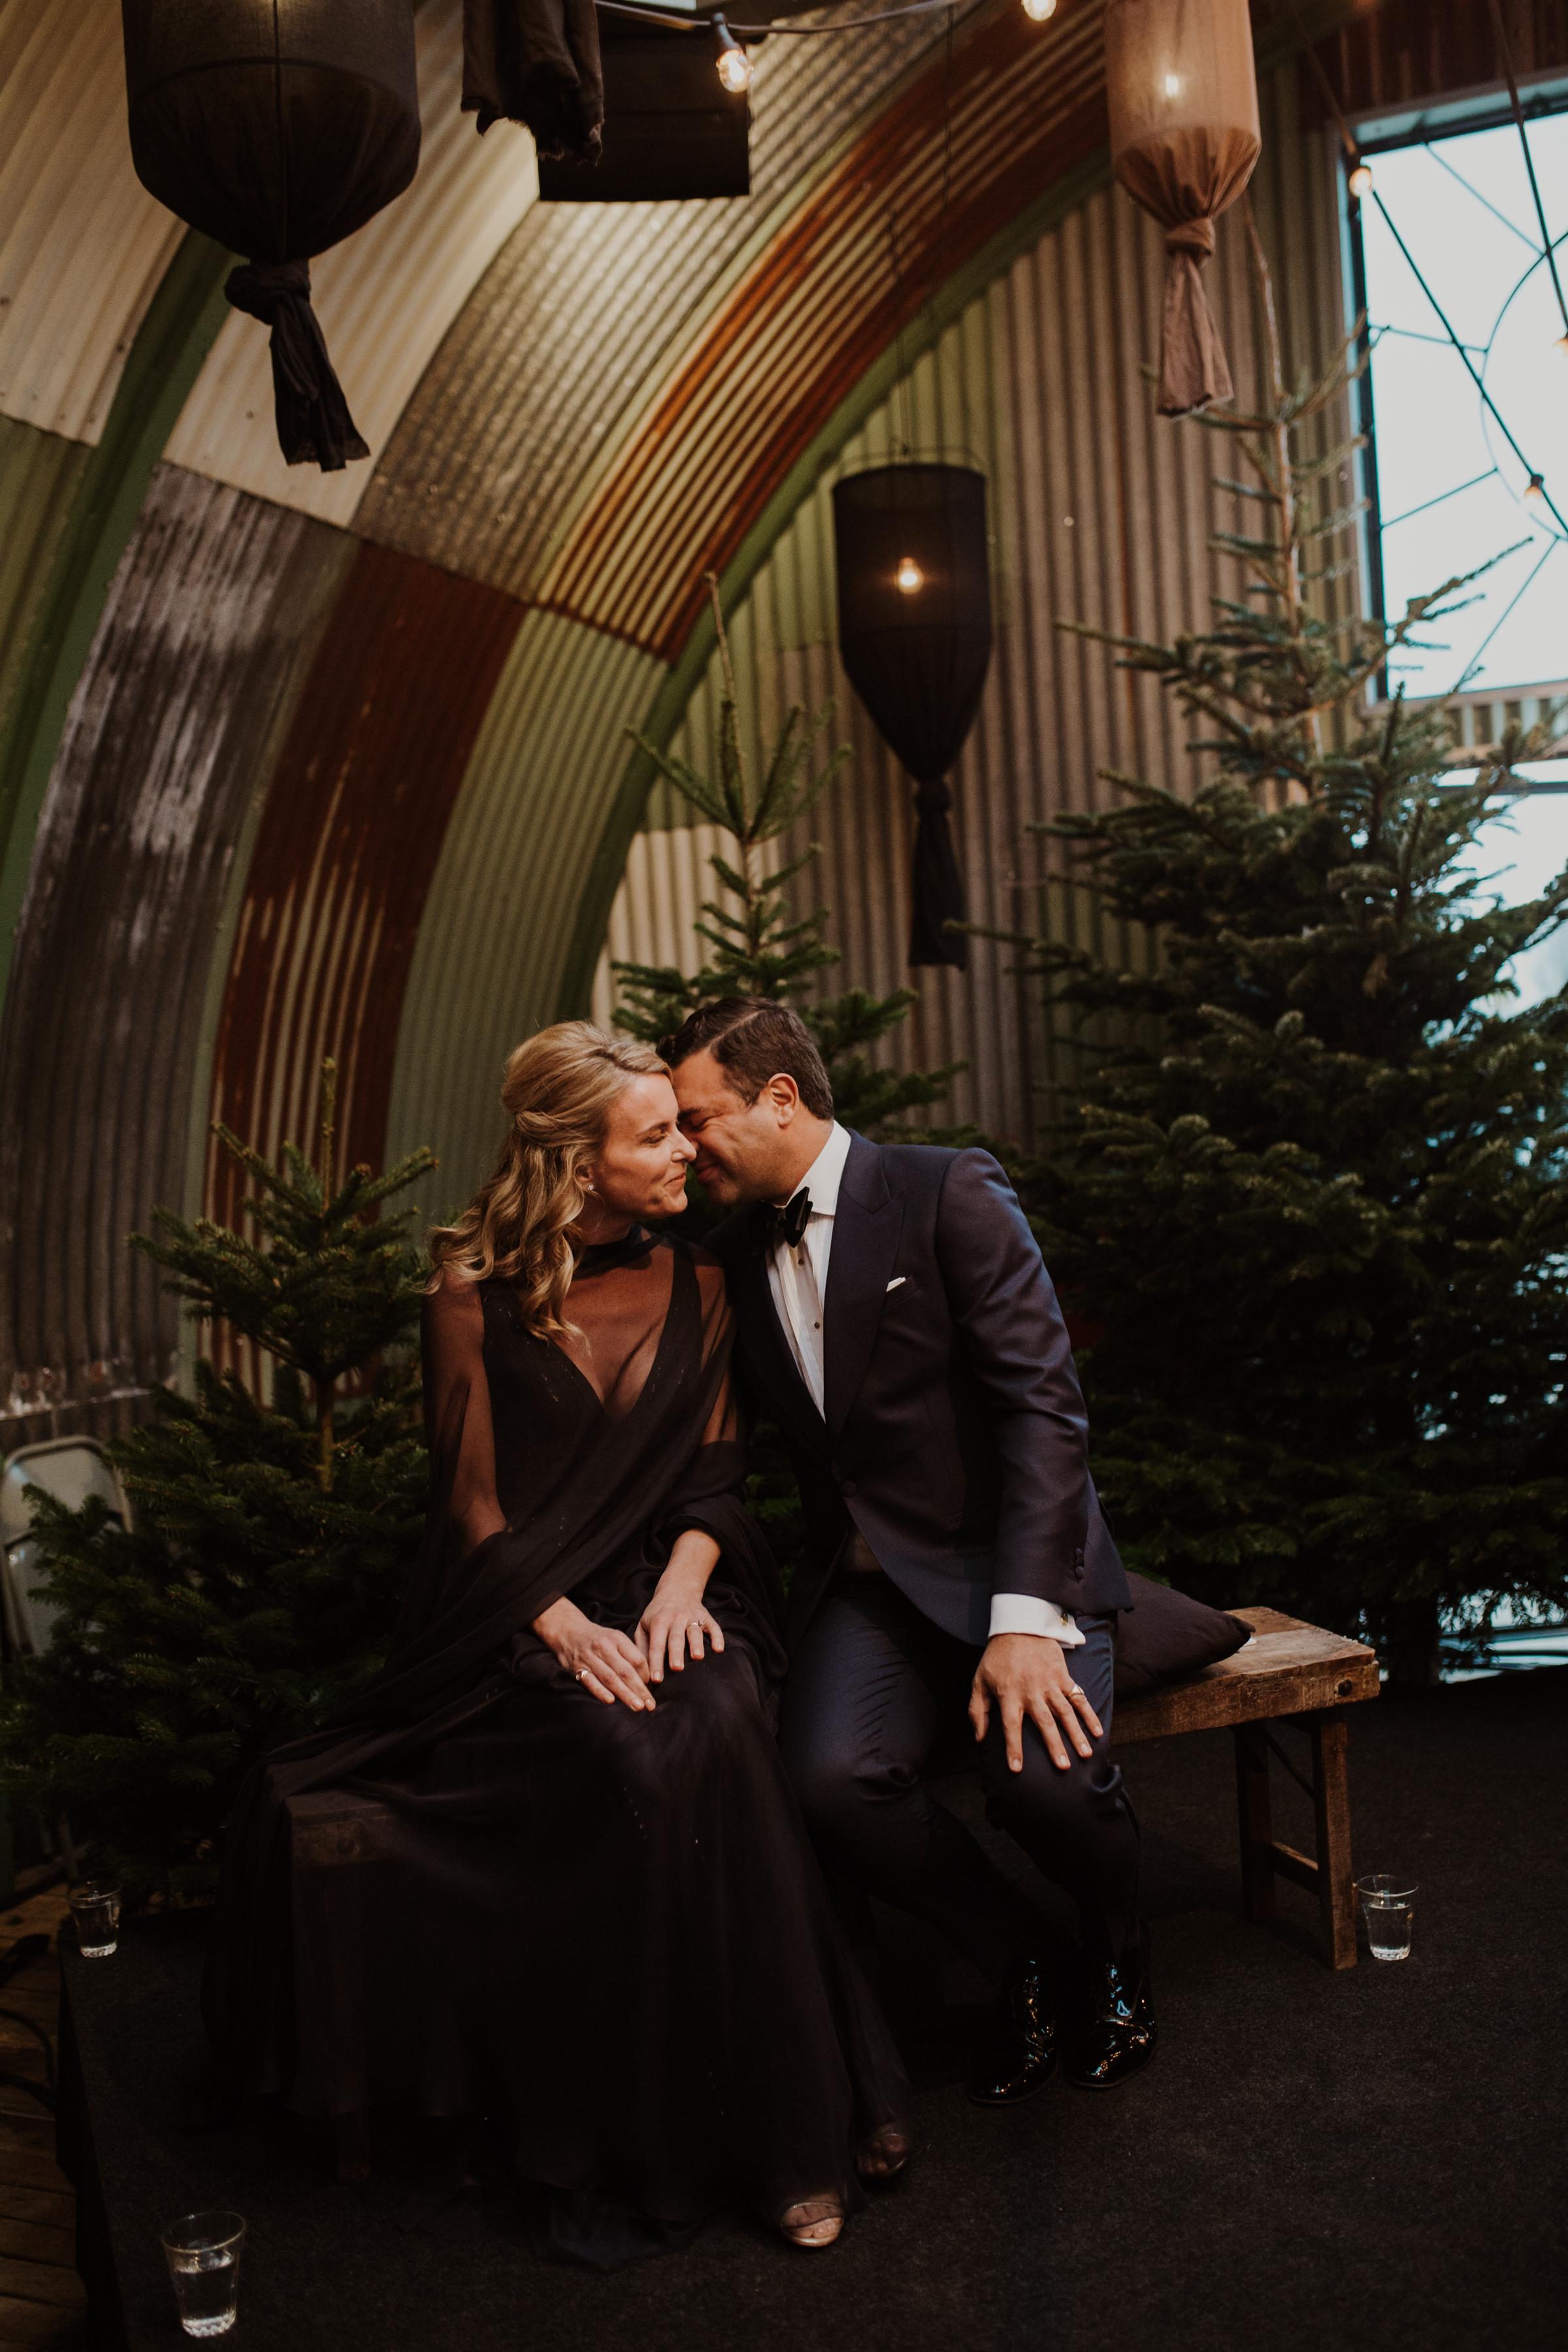 A.P Bloem florist bloemist Amsterdam Kerkstraat wedding Bruiloft trouwen event kerst Christmas gezellig liefde love Ido evenement styling winter trouwinspiratie weddinginspiration weddinggoals shesaidyes